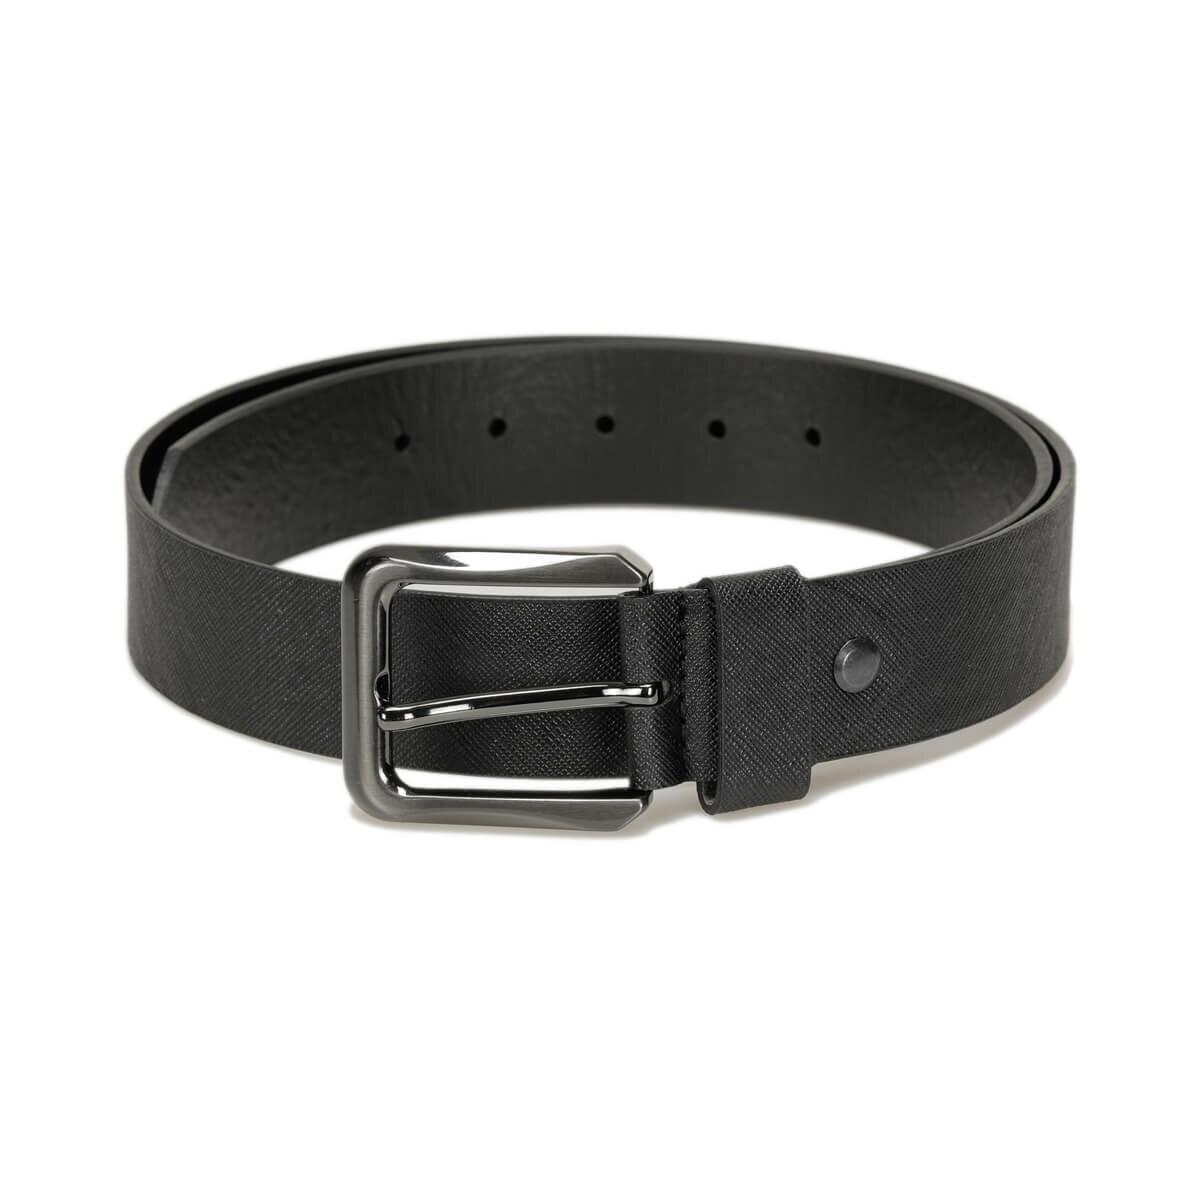 FLO MPRA3402 Black Male Belt Oxide